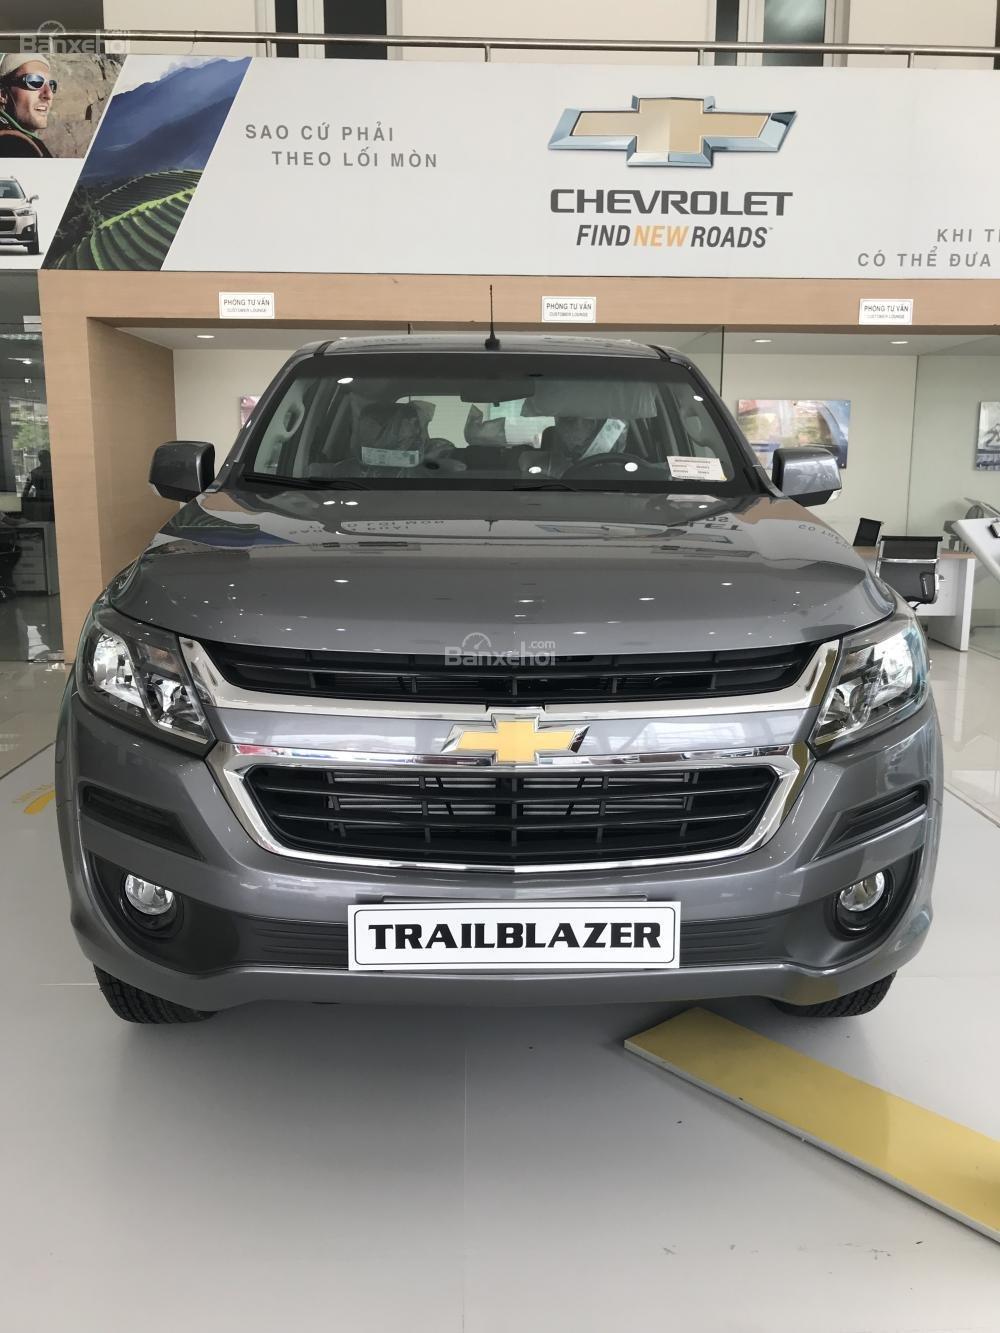 Bán ô tô Chevrolet Trailblazer 2018, xe nhập, giảm ngay 40 triệu, LH 0904016692-0